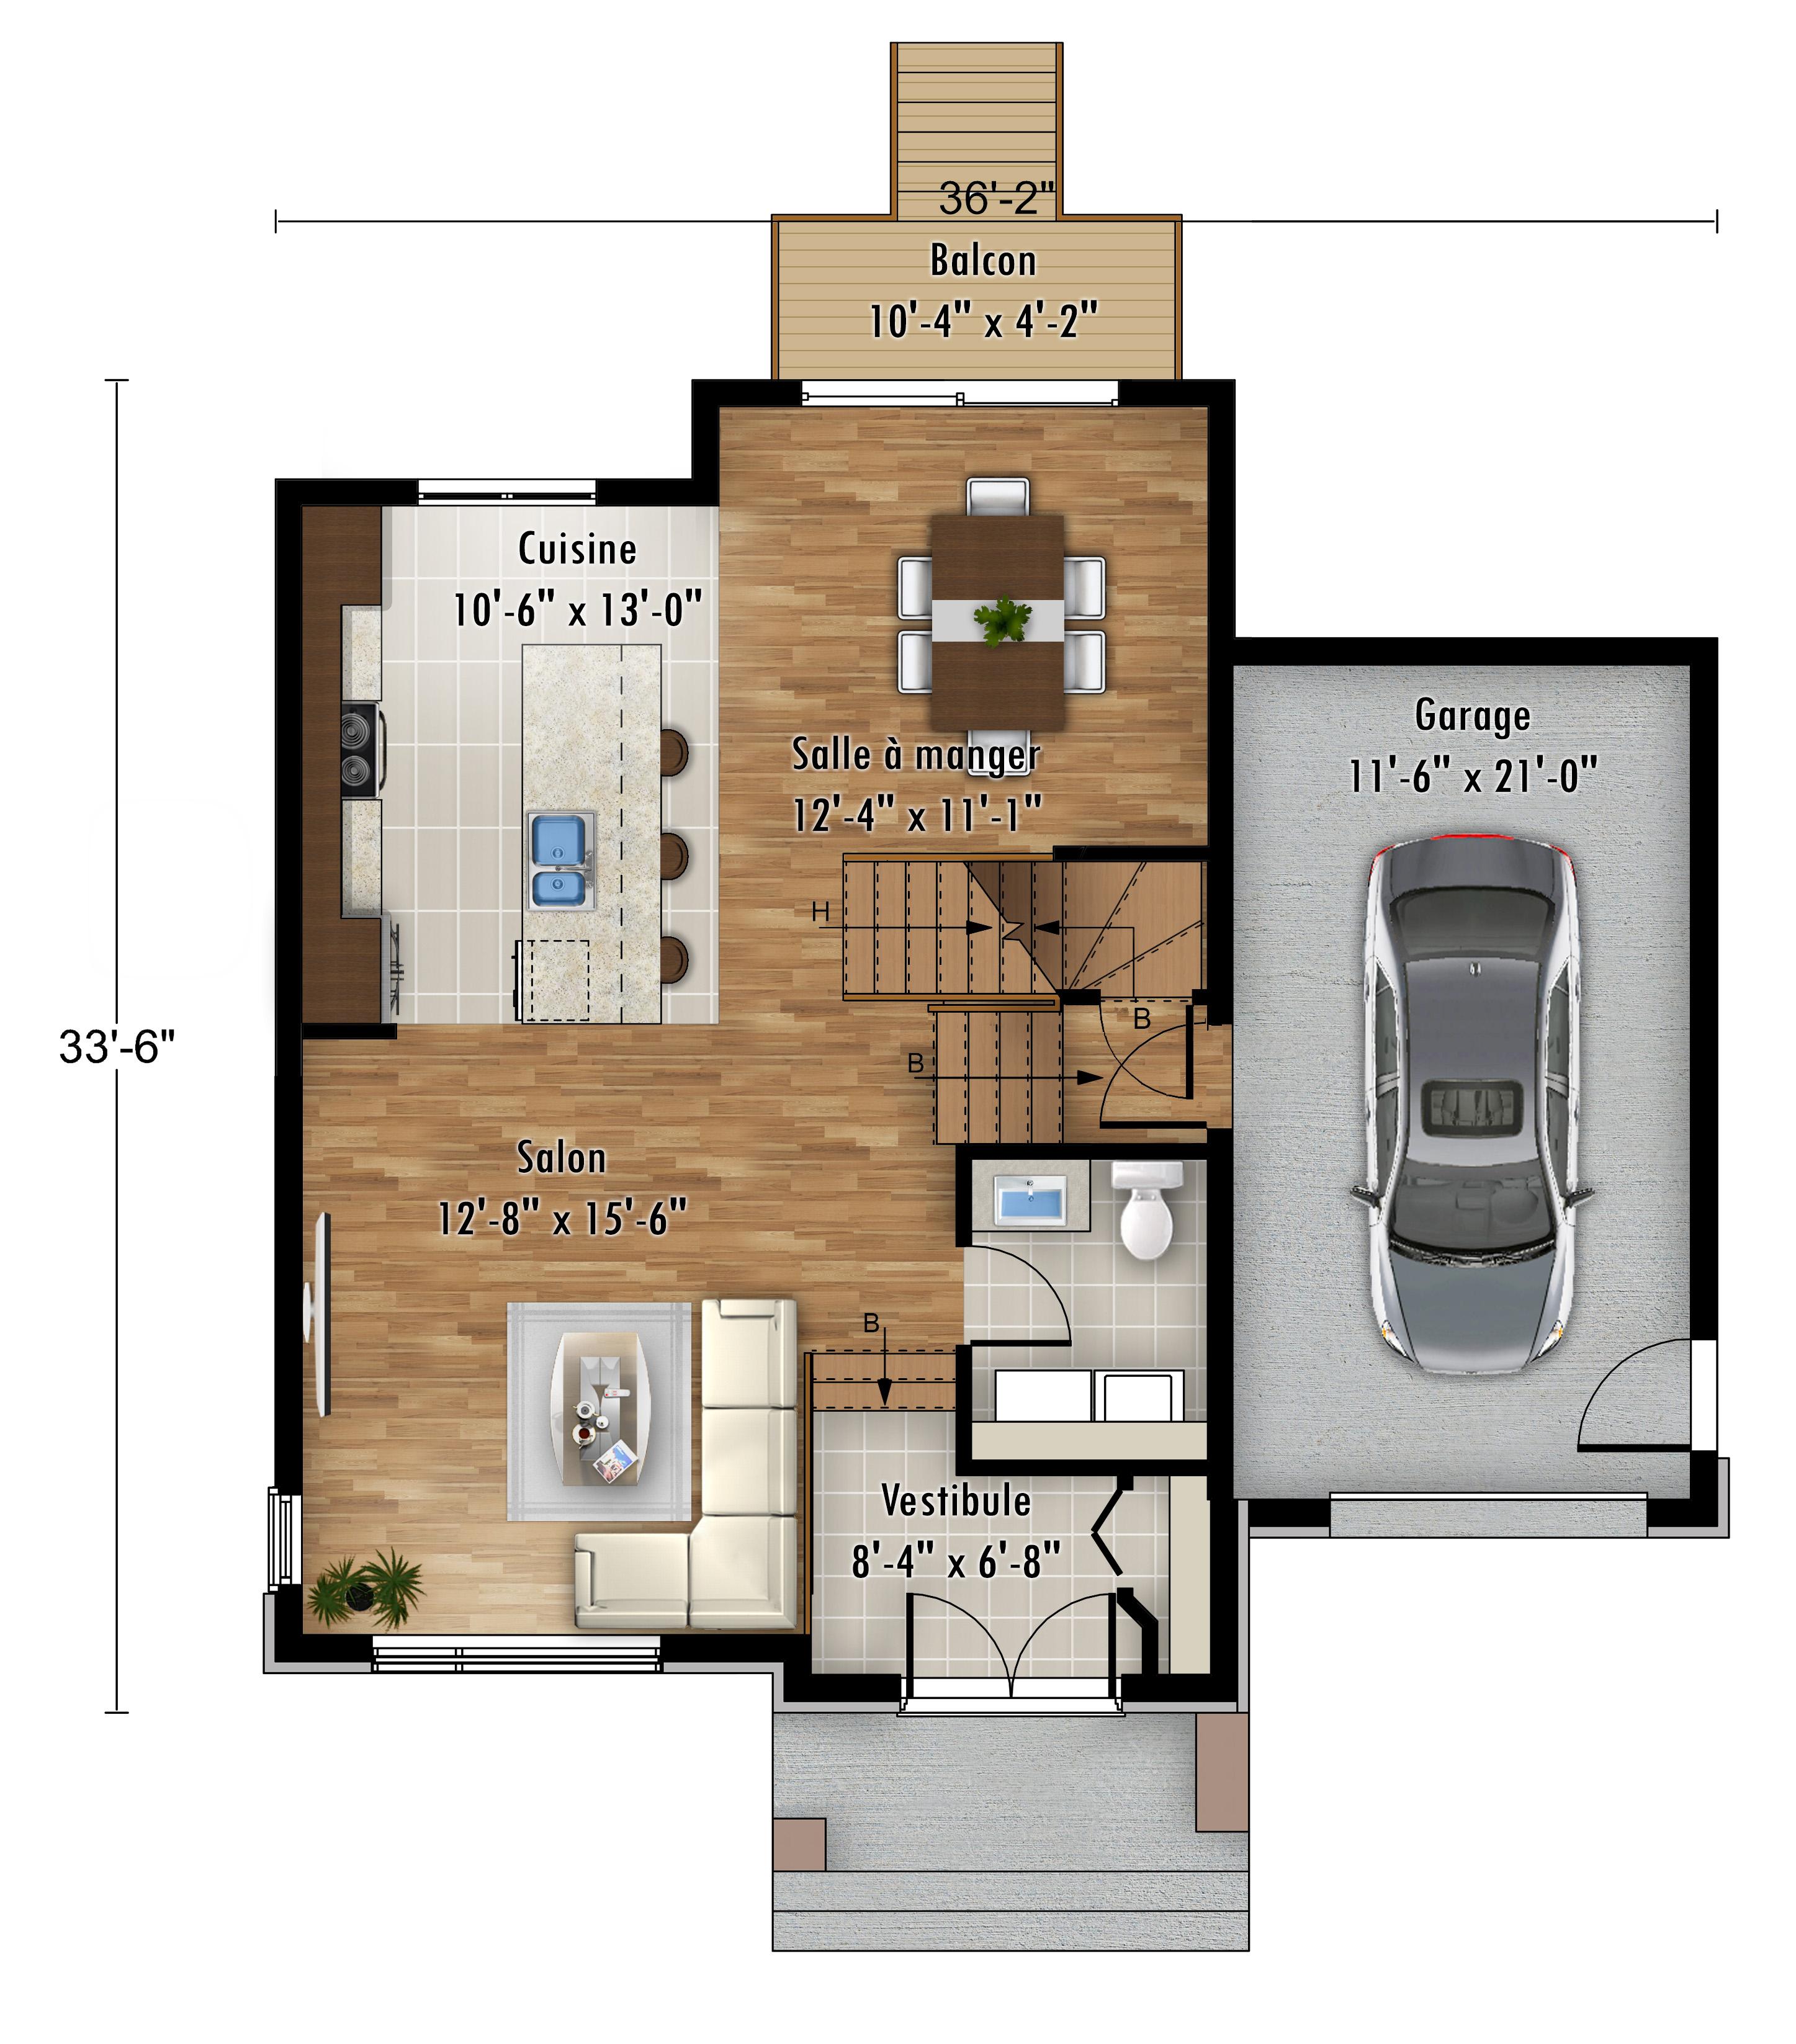 Plan modèle L'Hirondelle - maisons neuves à vendre